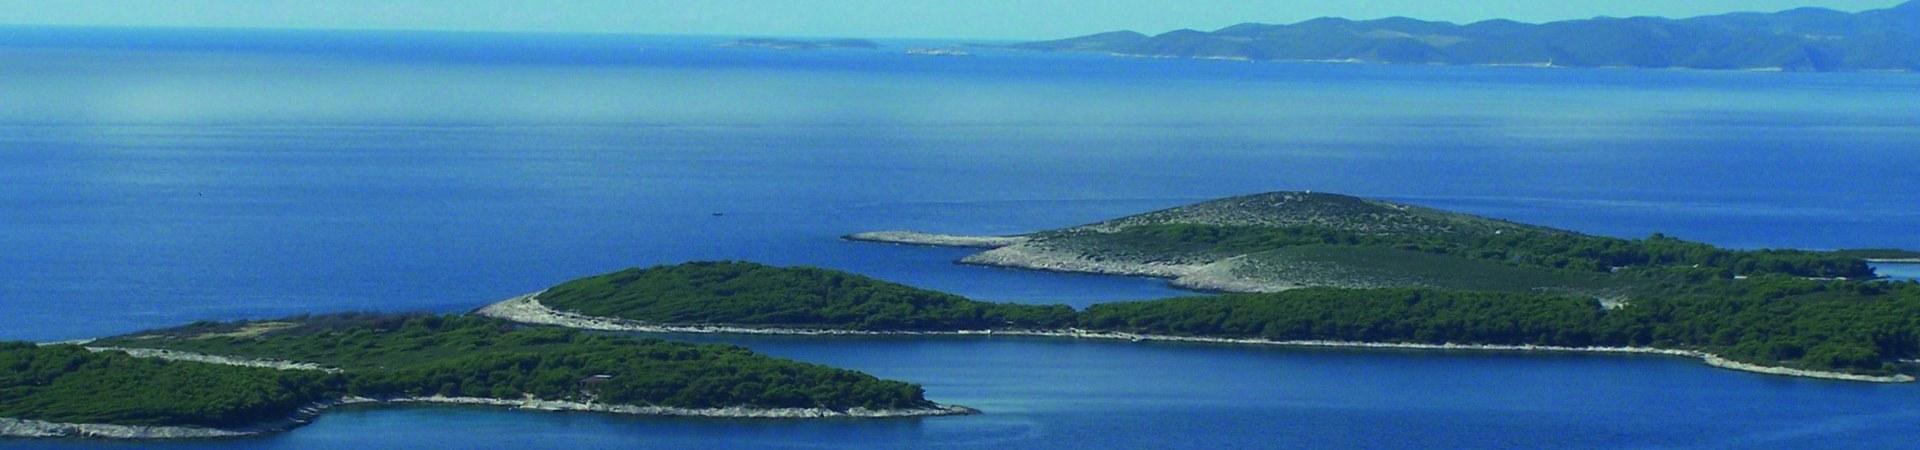 Radreise durch die süddalmatinische Inselwelt